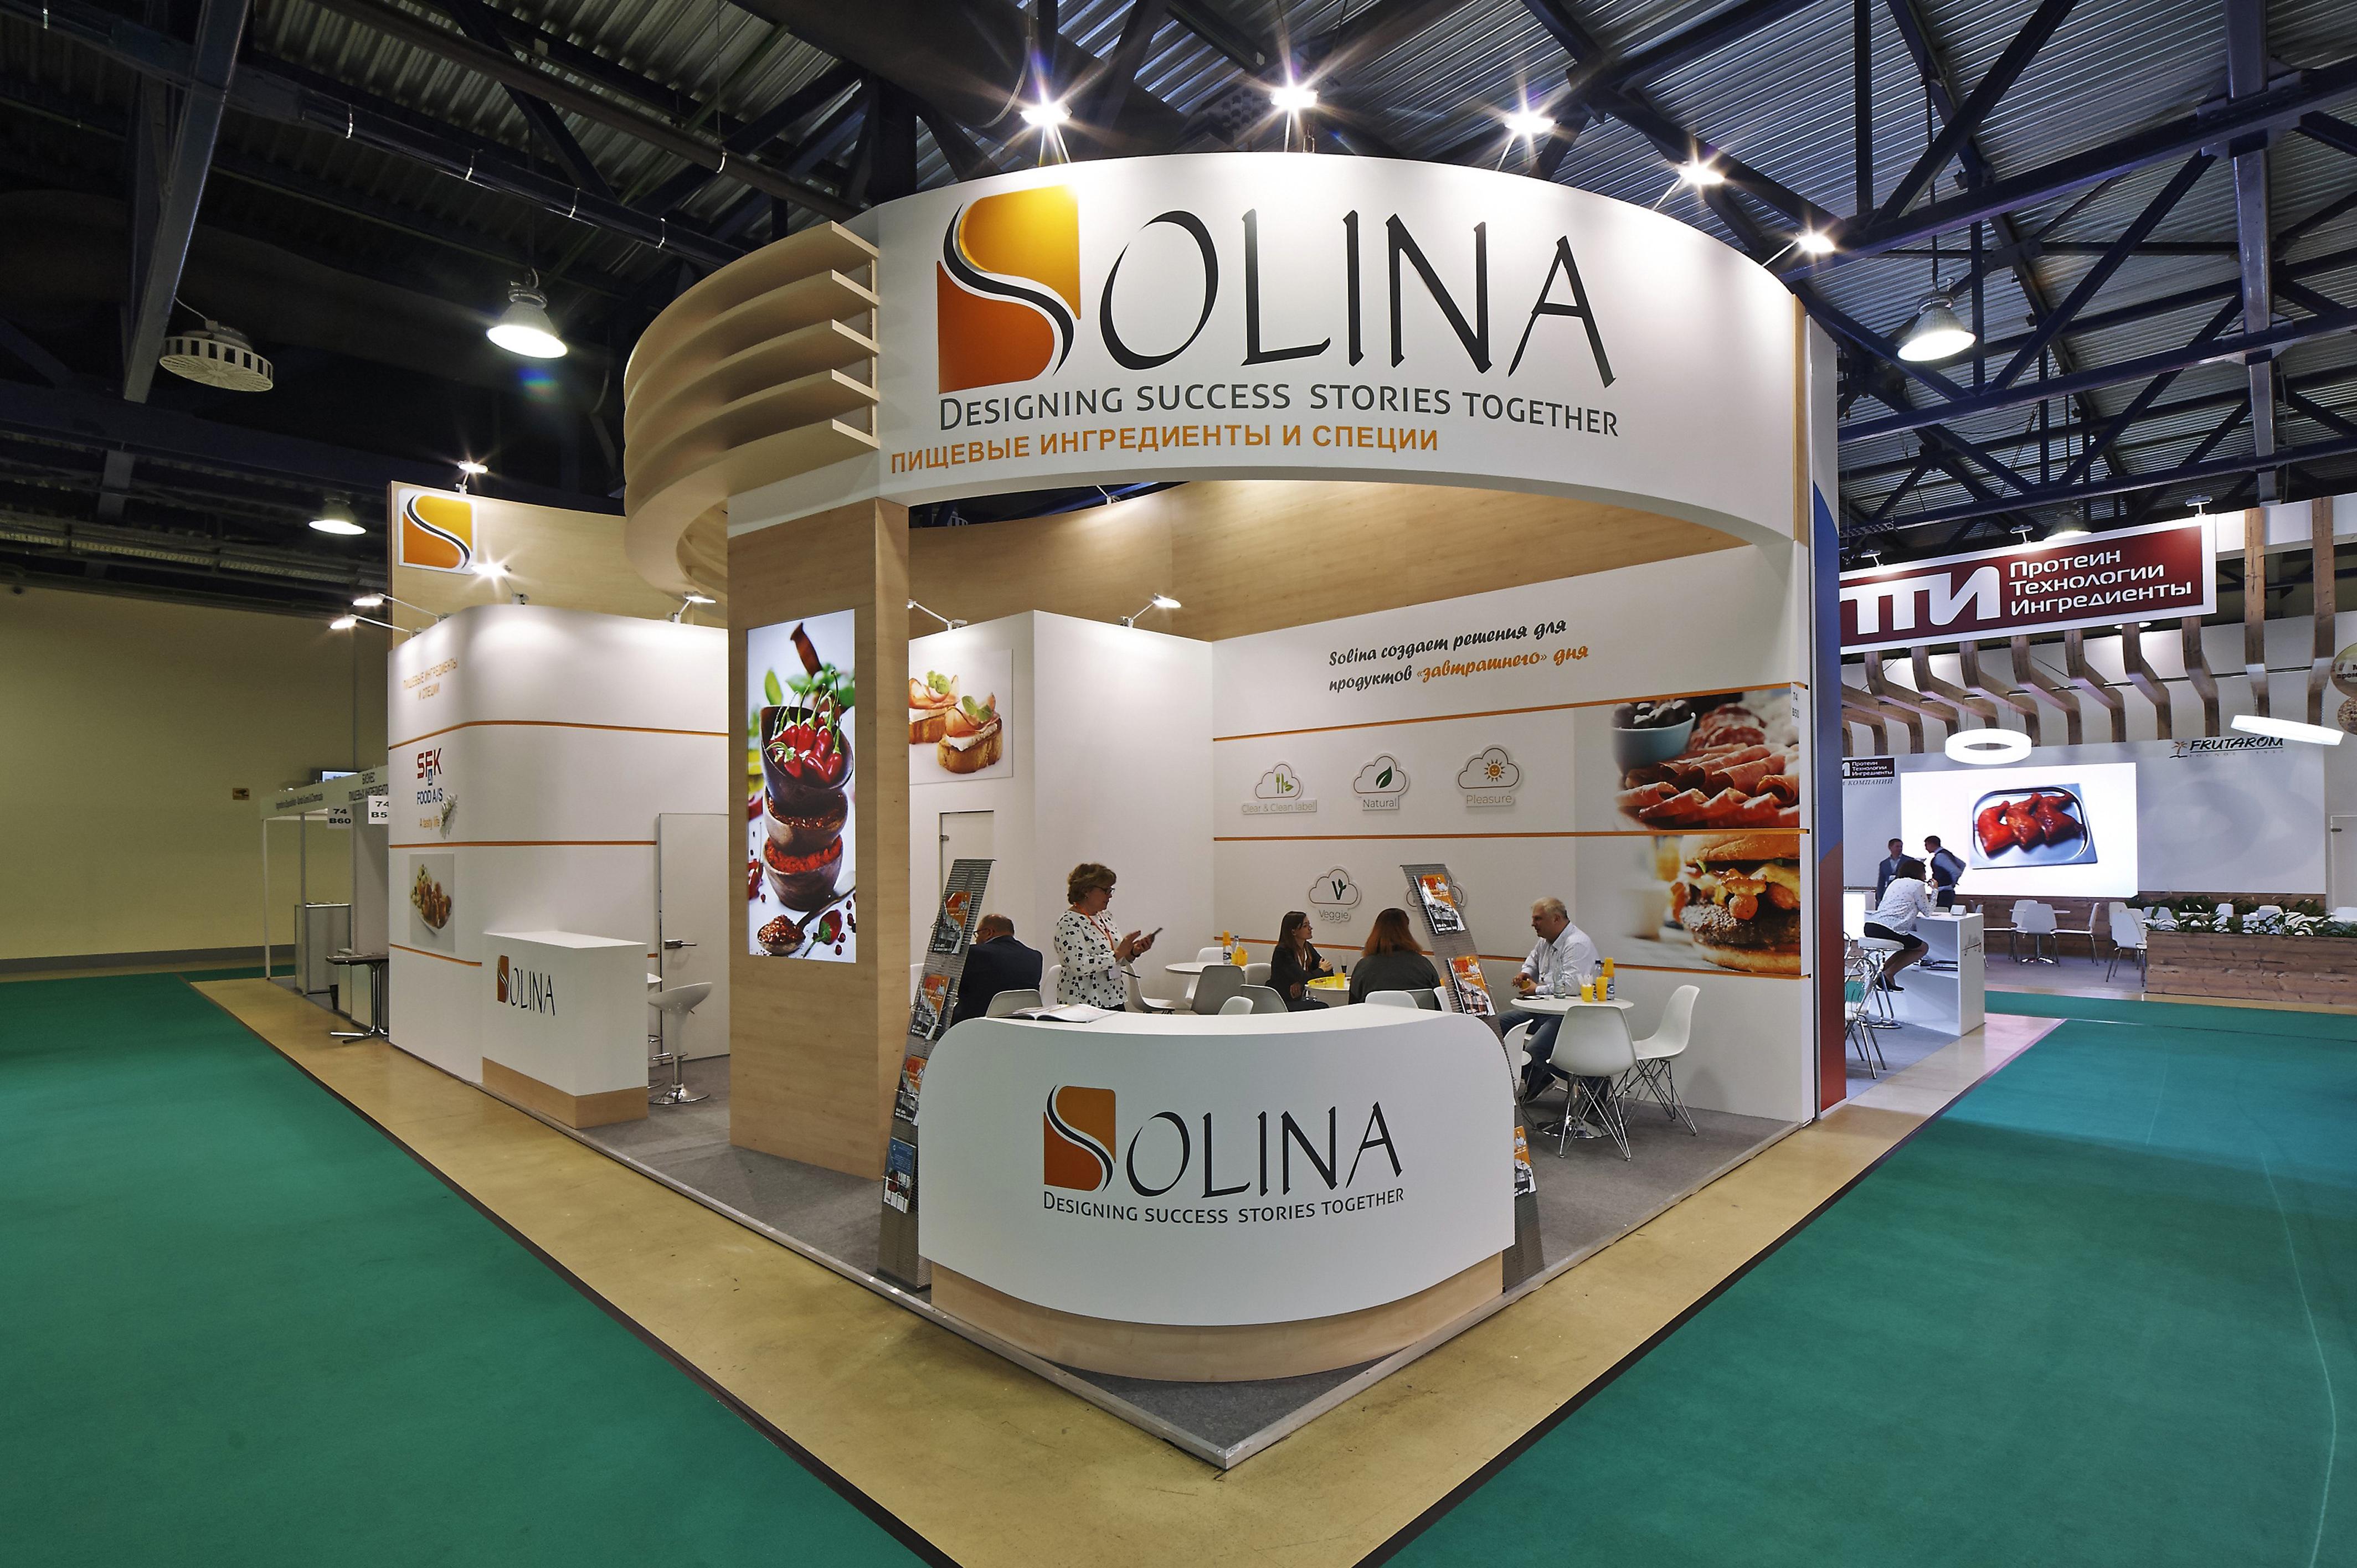 Solina_300dpi_3